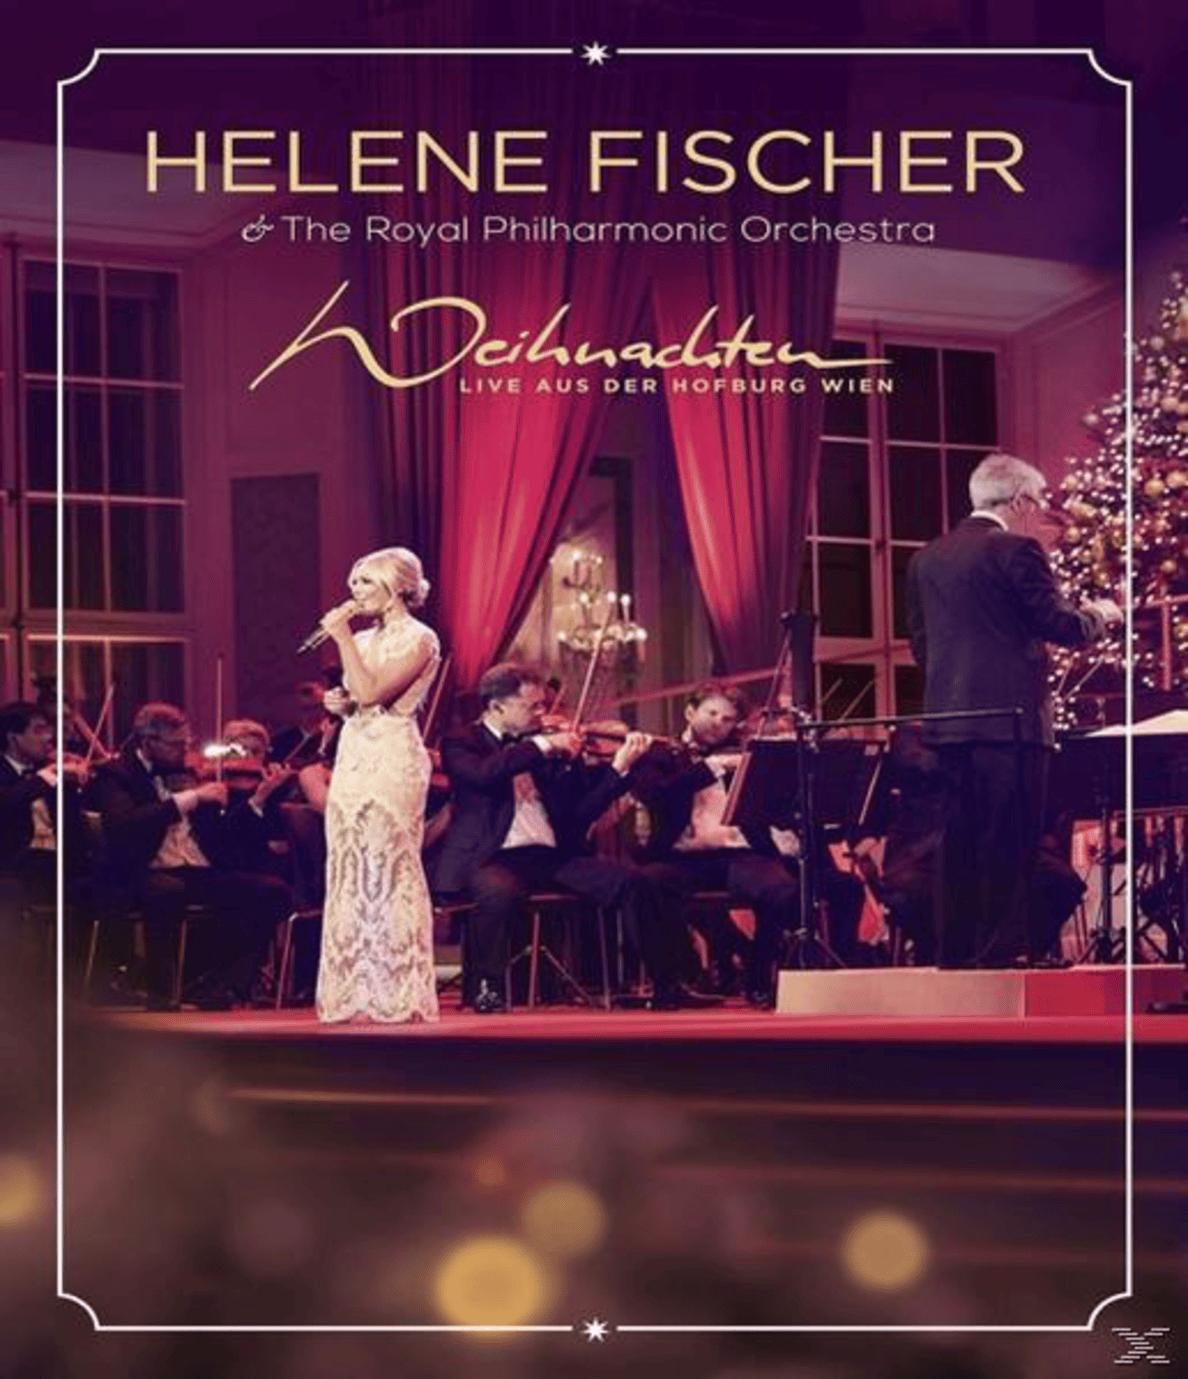 Weihnachten-Live Aus Der Hofburg Wien (mit dem Royal Philharmonic Orchestra) Helene Fischer auf Blu-ray